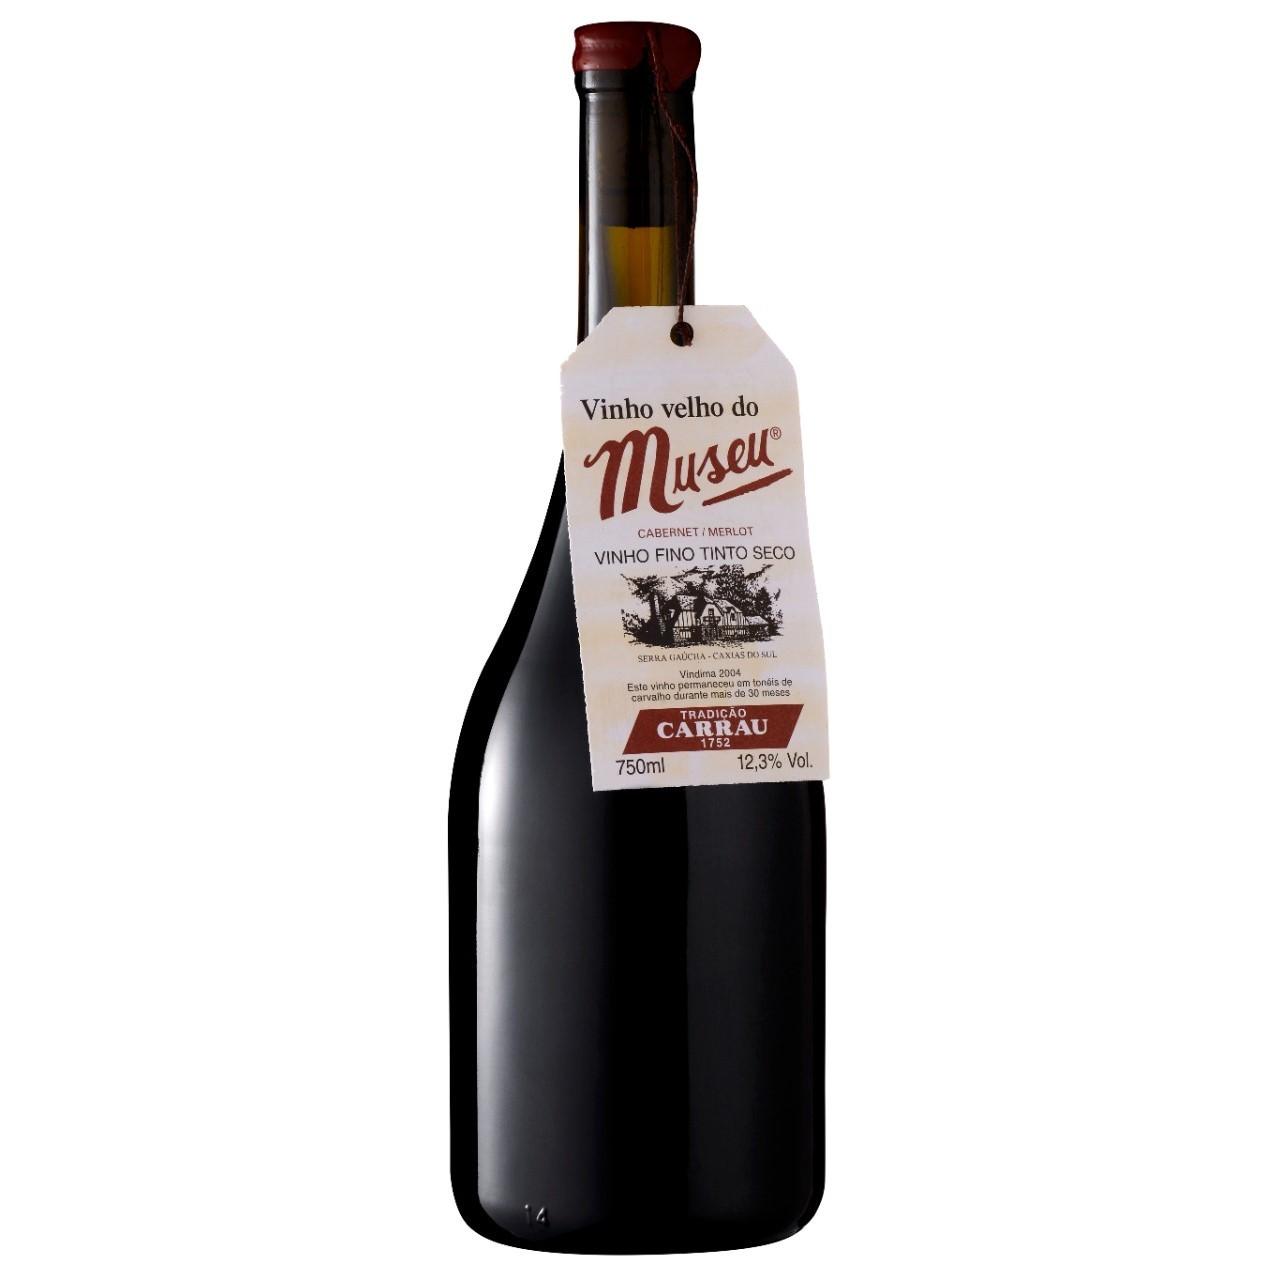 Vinho Tinto Velho Do Museu Cabernet & Merlot 750ml